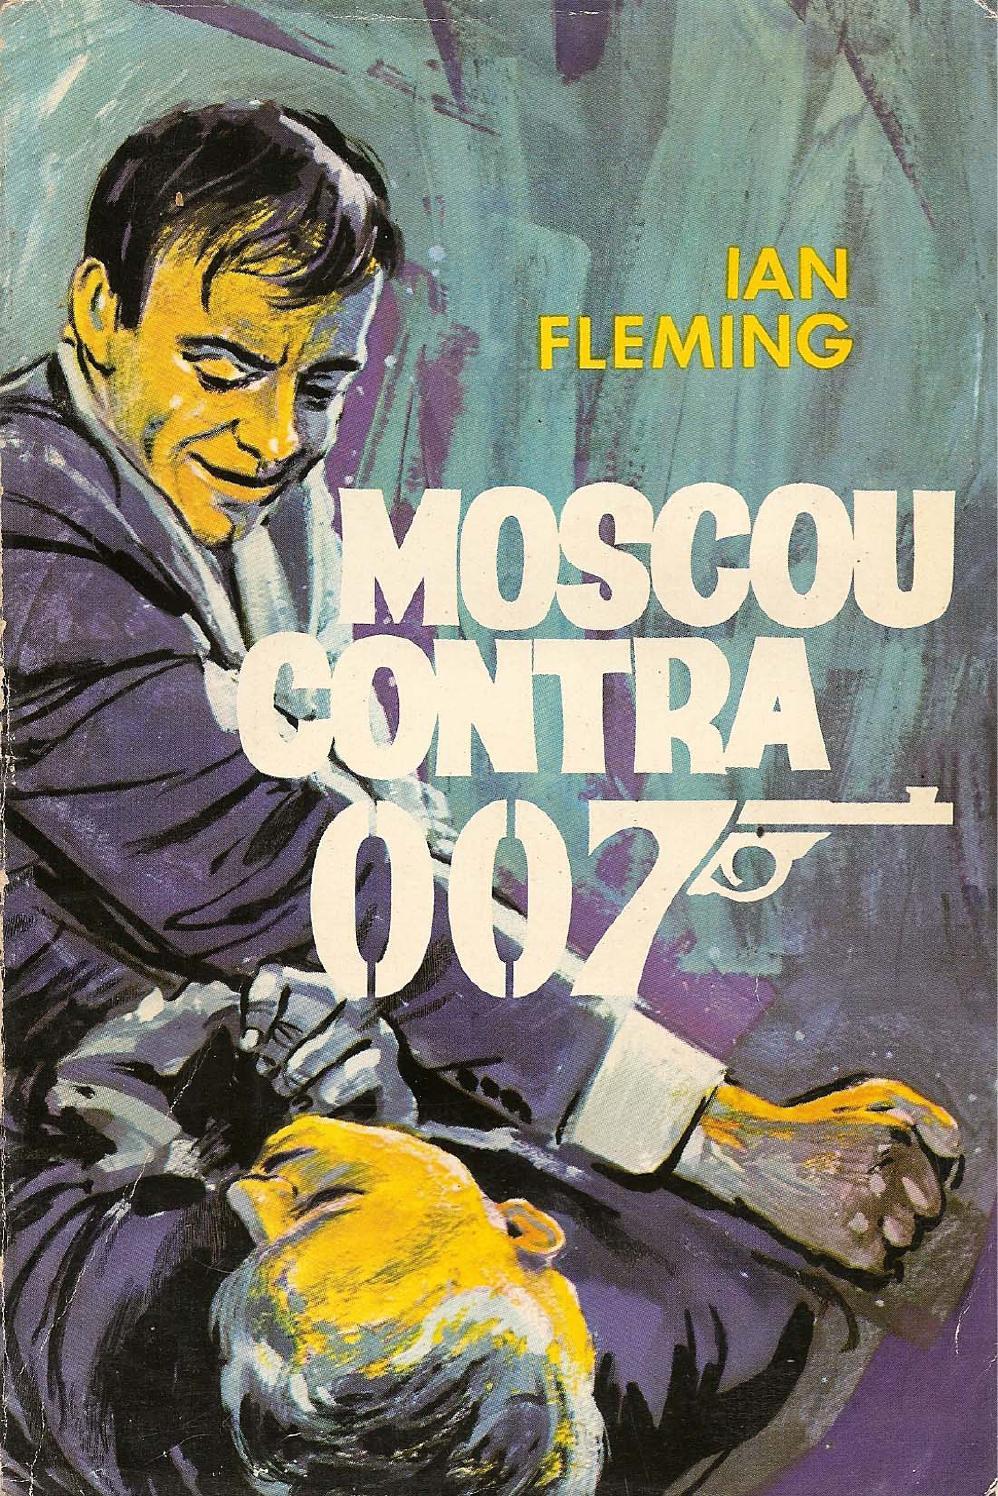 ac8f9372a81e5 Ian fleming moscou contra 007 by Eder Anjos - issuu